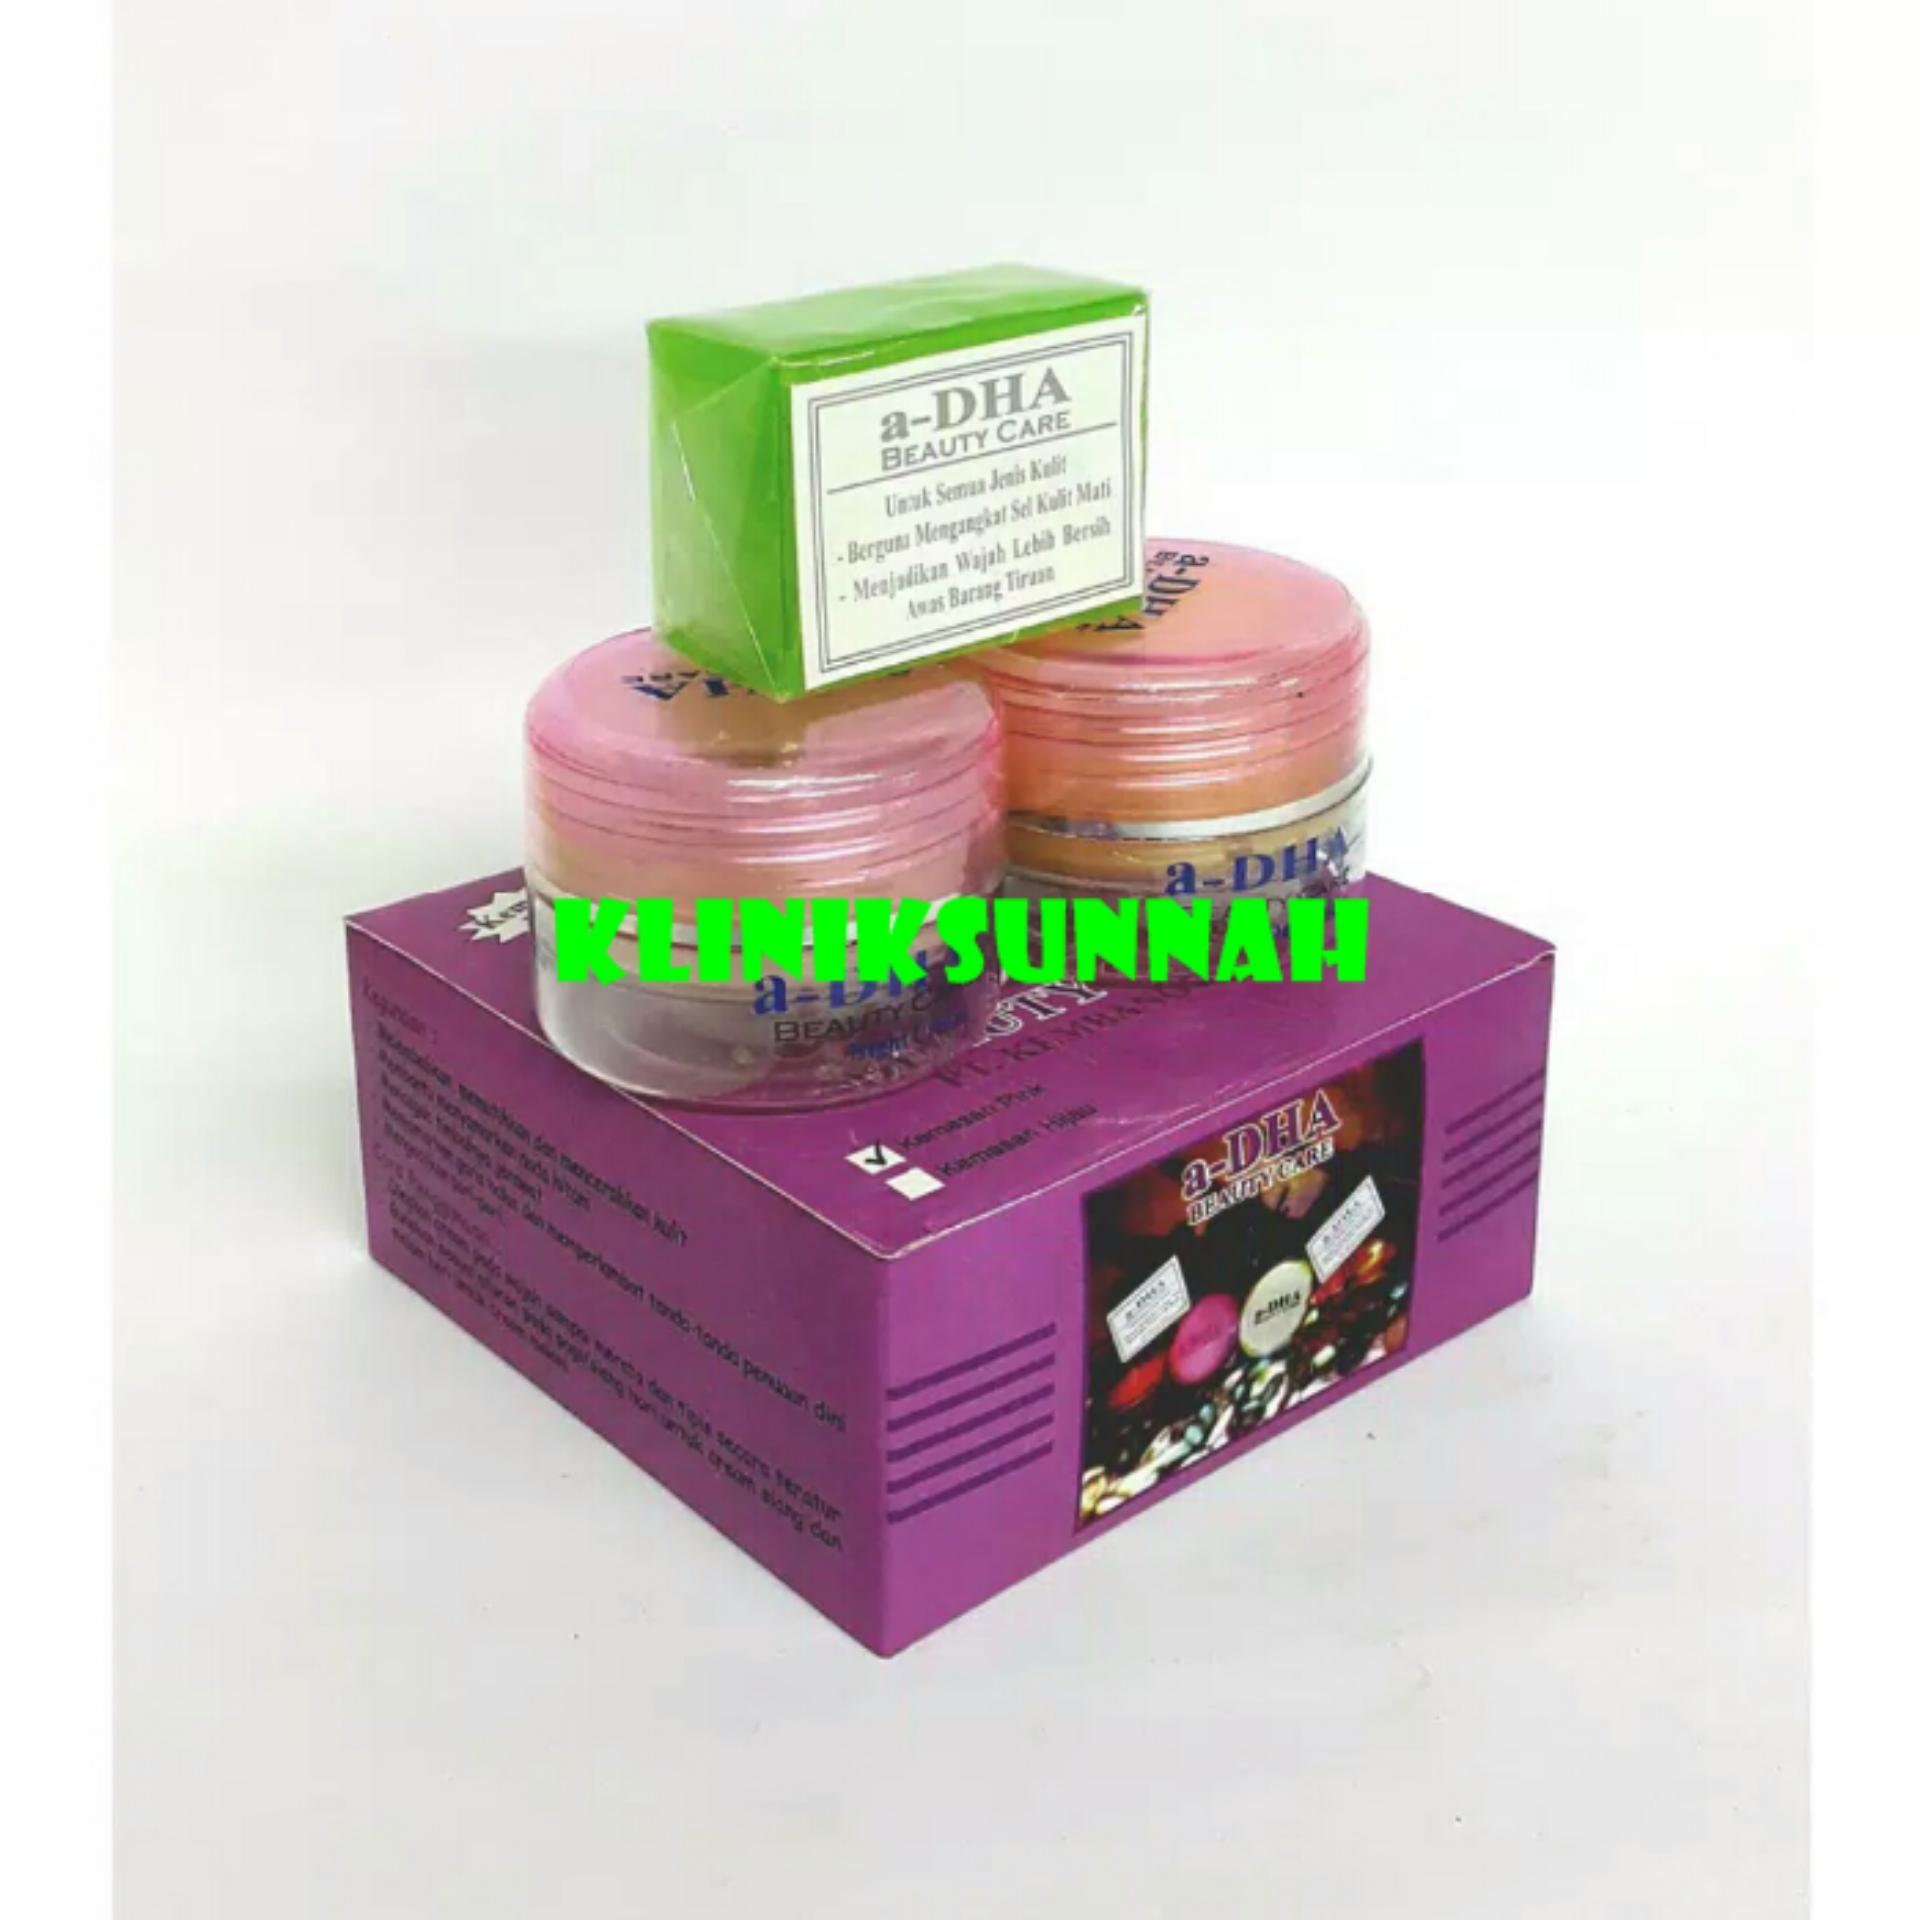 ... 40 Tahun 2paket Hiaju Source · a DHA Paket Cream Pemutih Wajah Kemasan Baru Pink Untuk